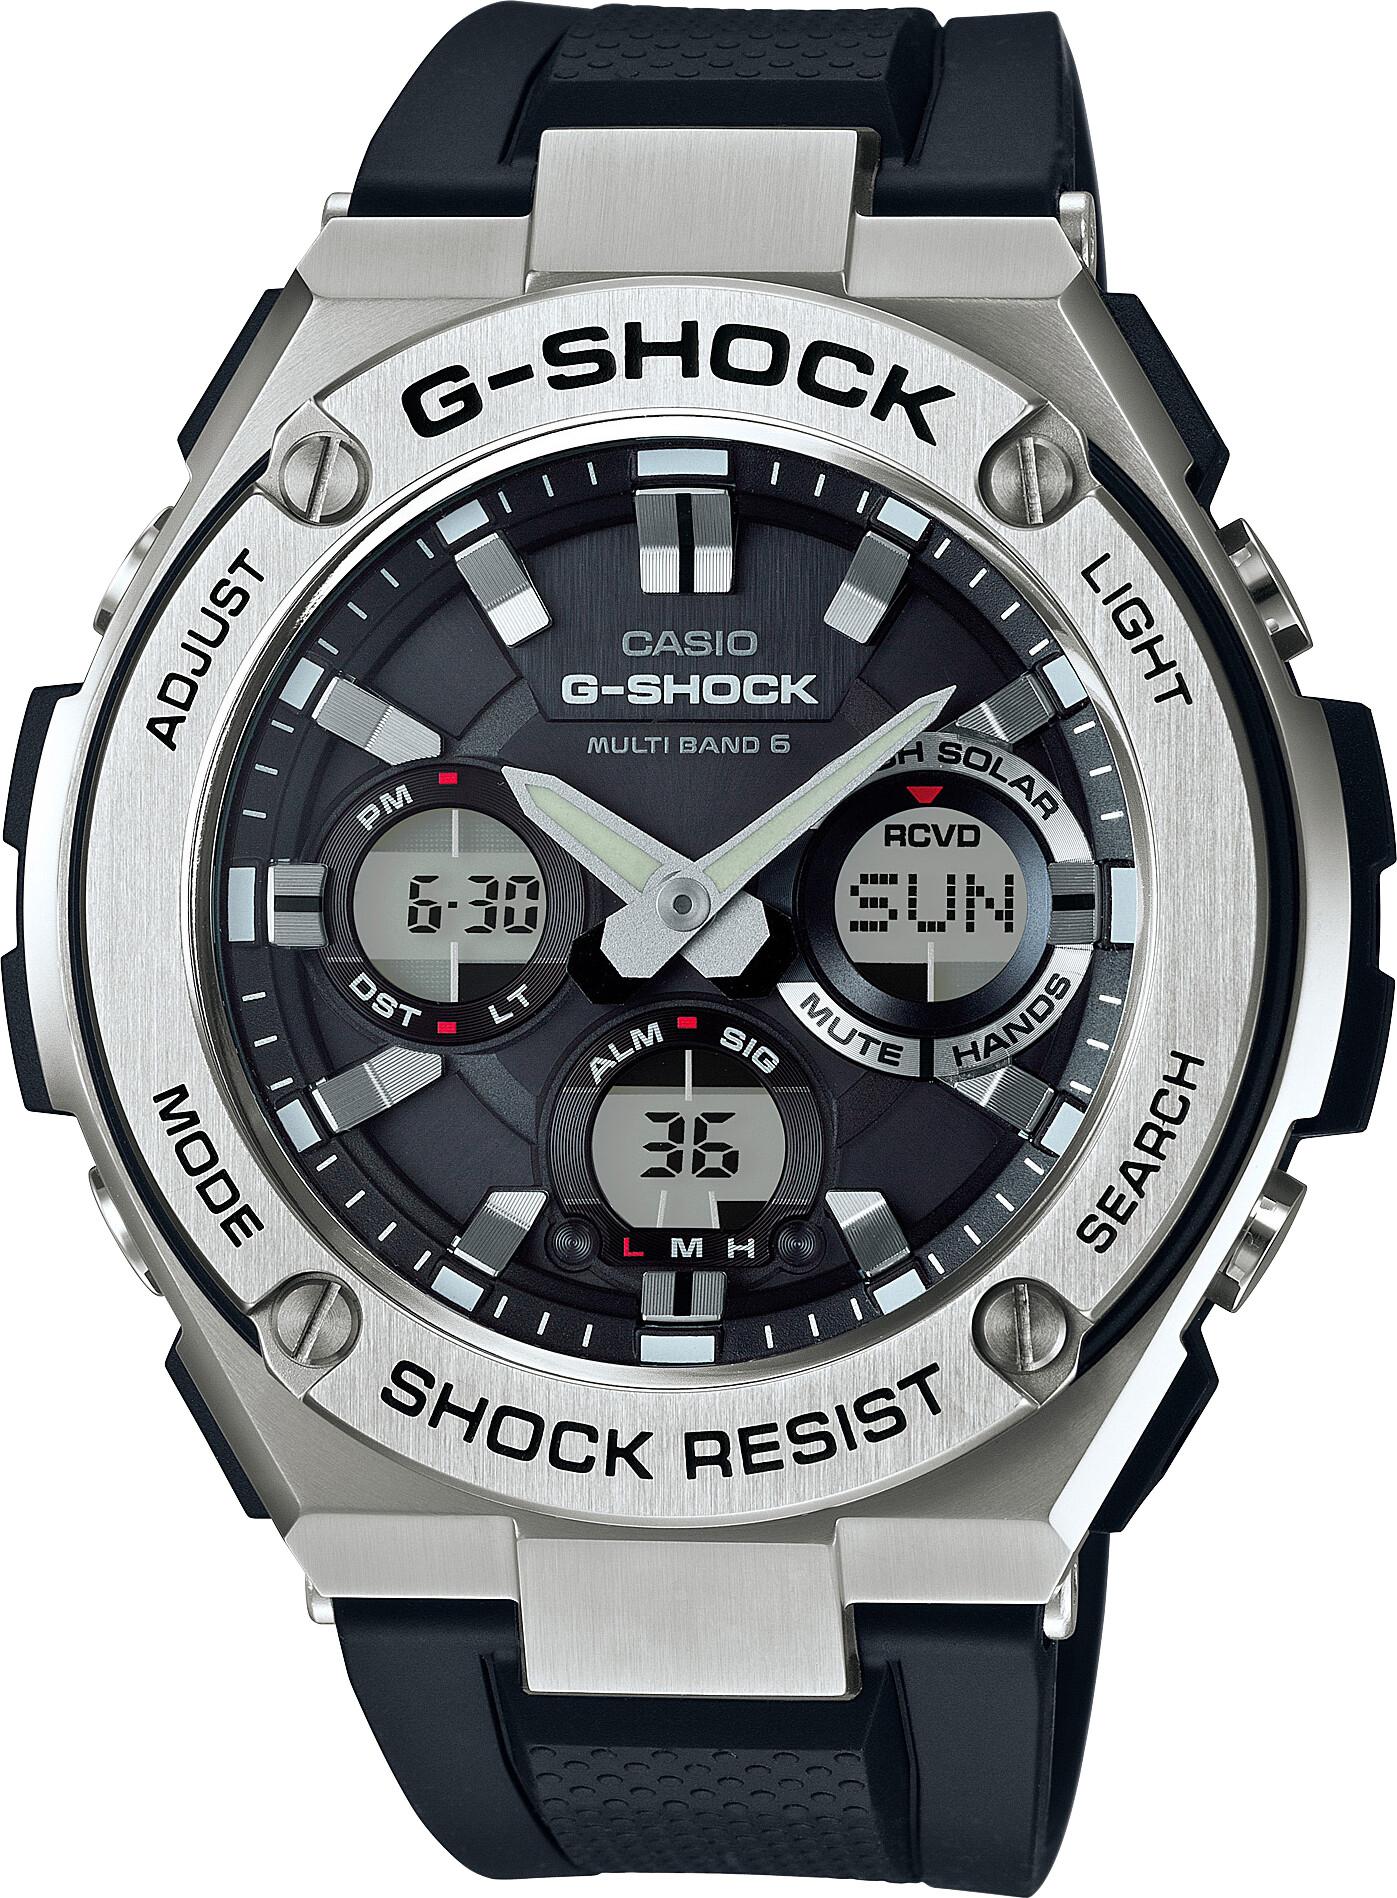 CASIO G-SHOCK GST-W110-1AER Watch Men, black silver/white black   Sports watches